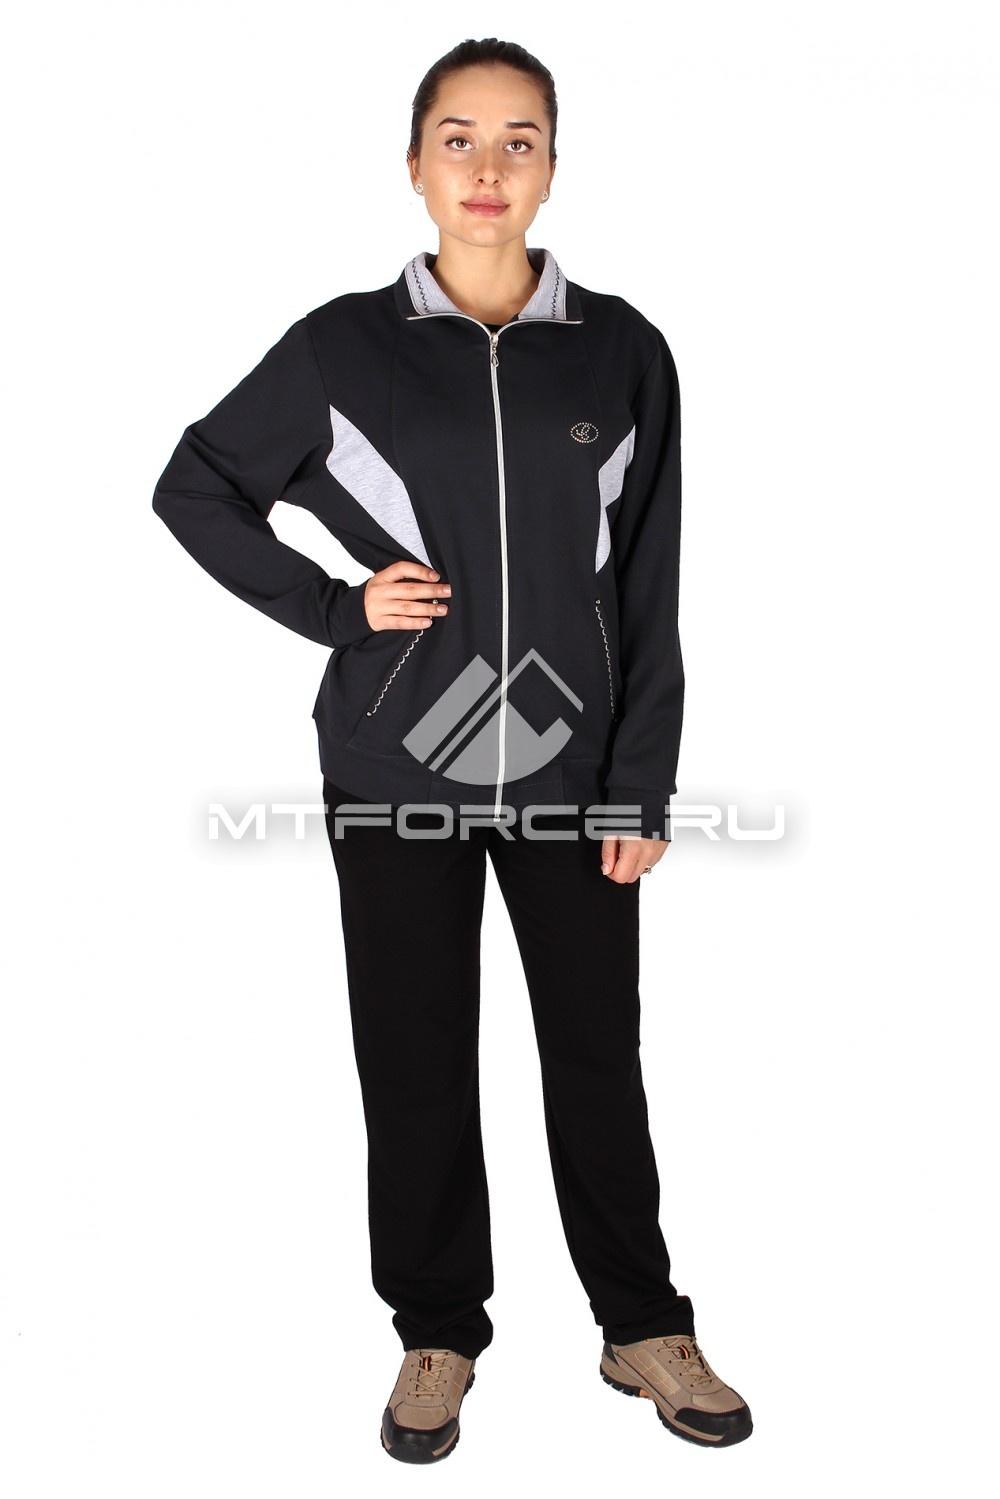 Купить                                  оптом Спортивный костюм женский большого размера персикового цвета 0022TC в Санкт-Петербурге